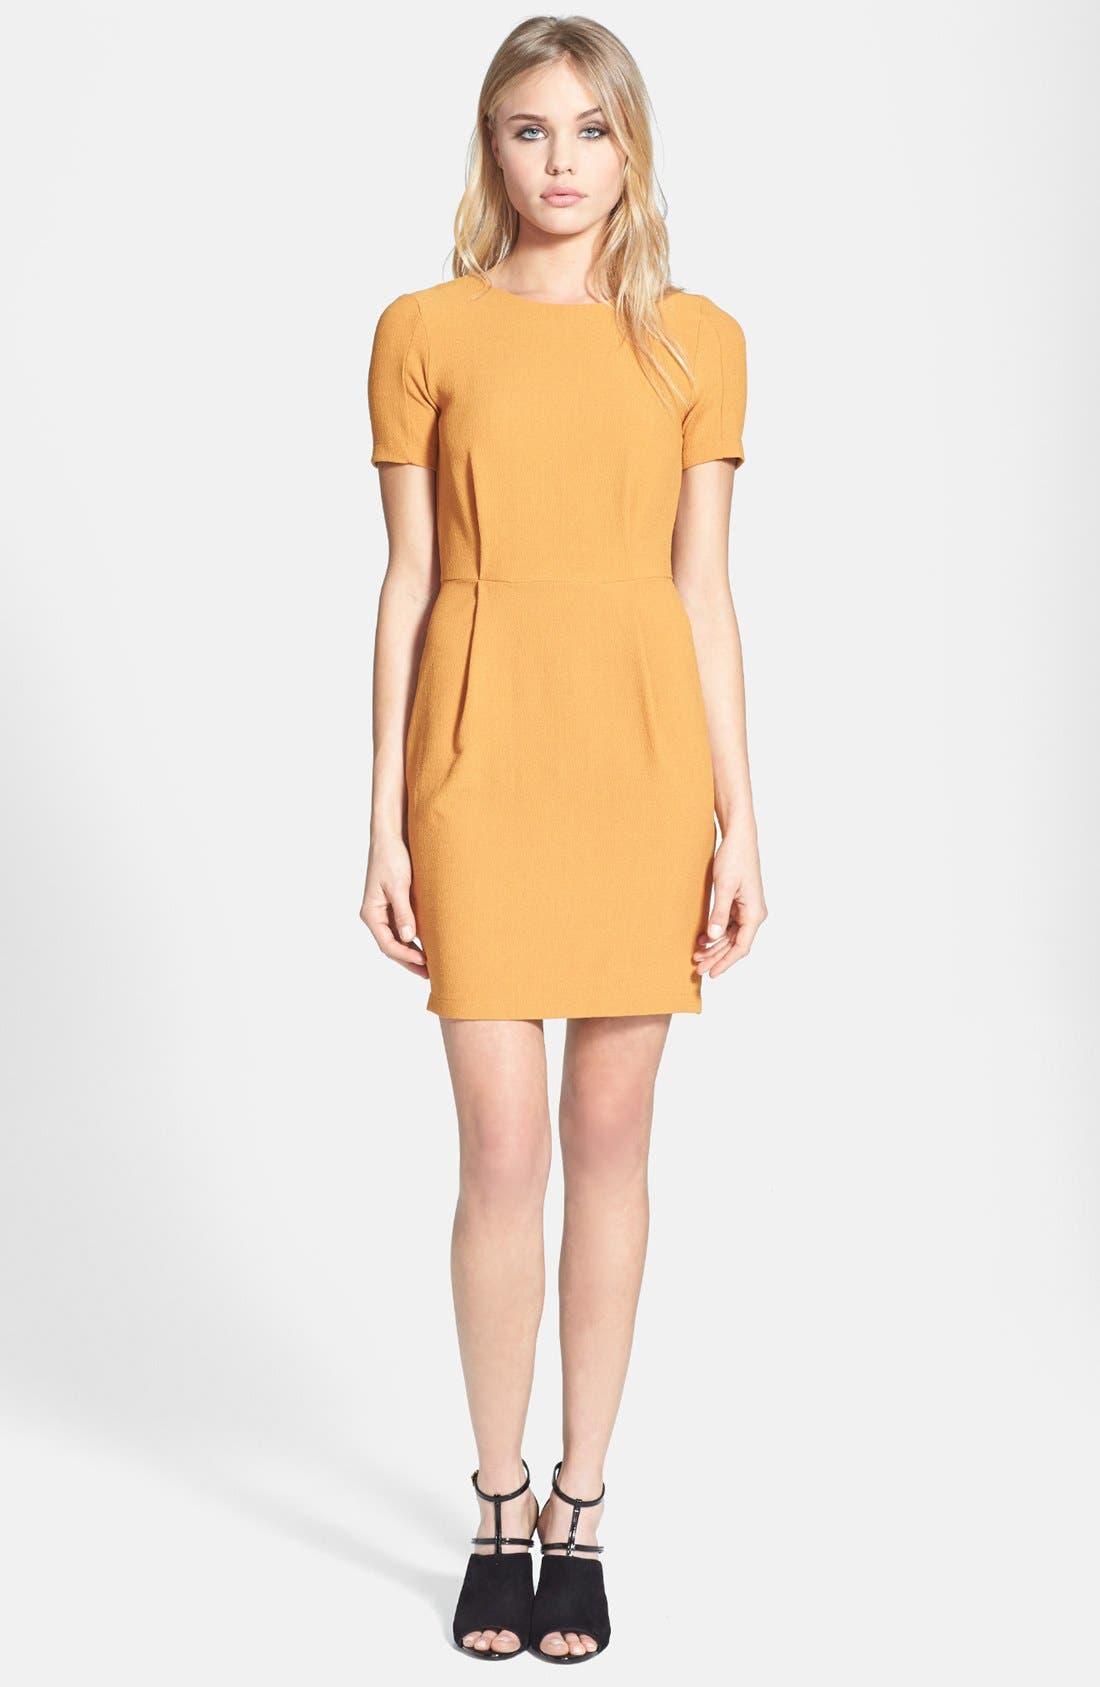 Alternate Image 1 Selected - Topshop 'Elfin' Crepe Sheath Dress